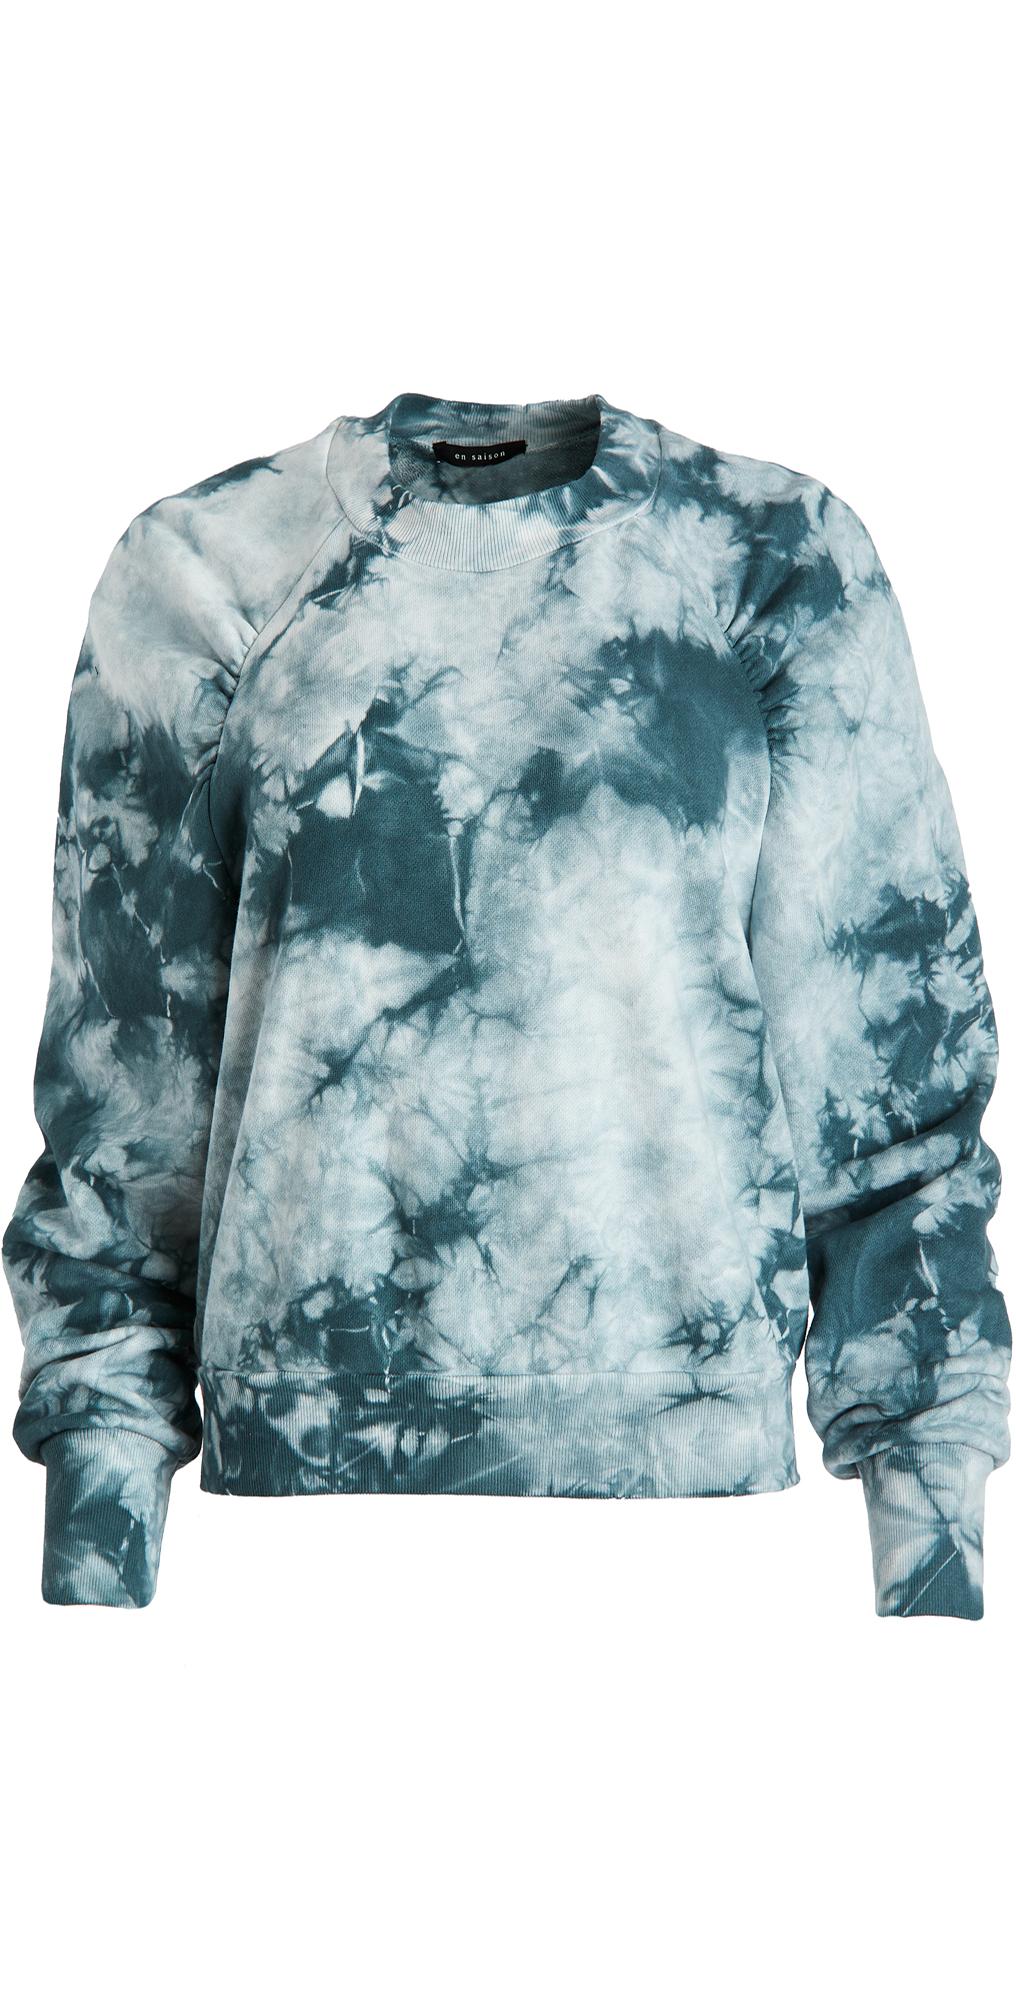 En Saison Tie Dye Puffed Sleeve Sweatshirt